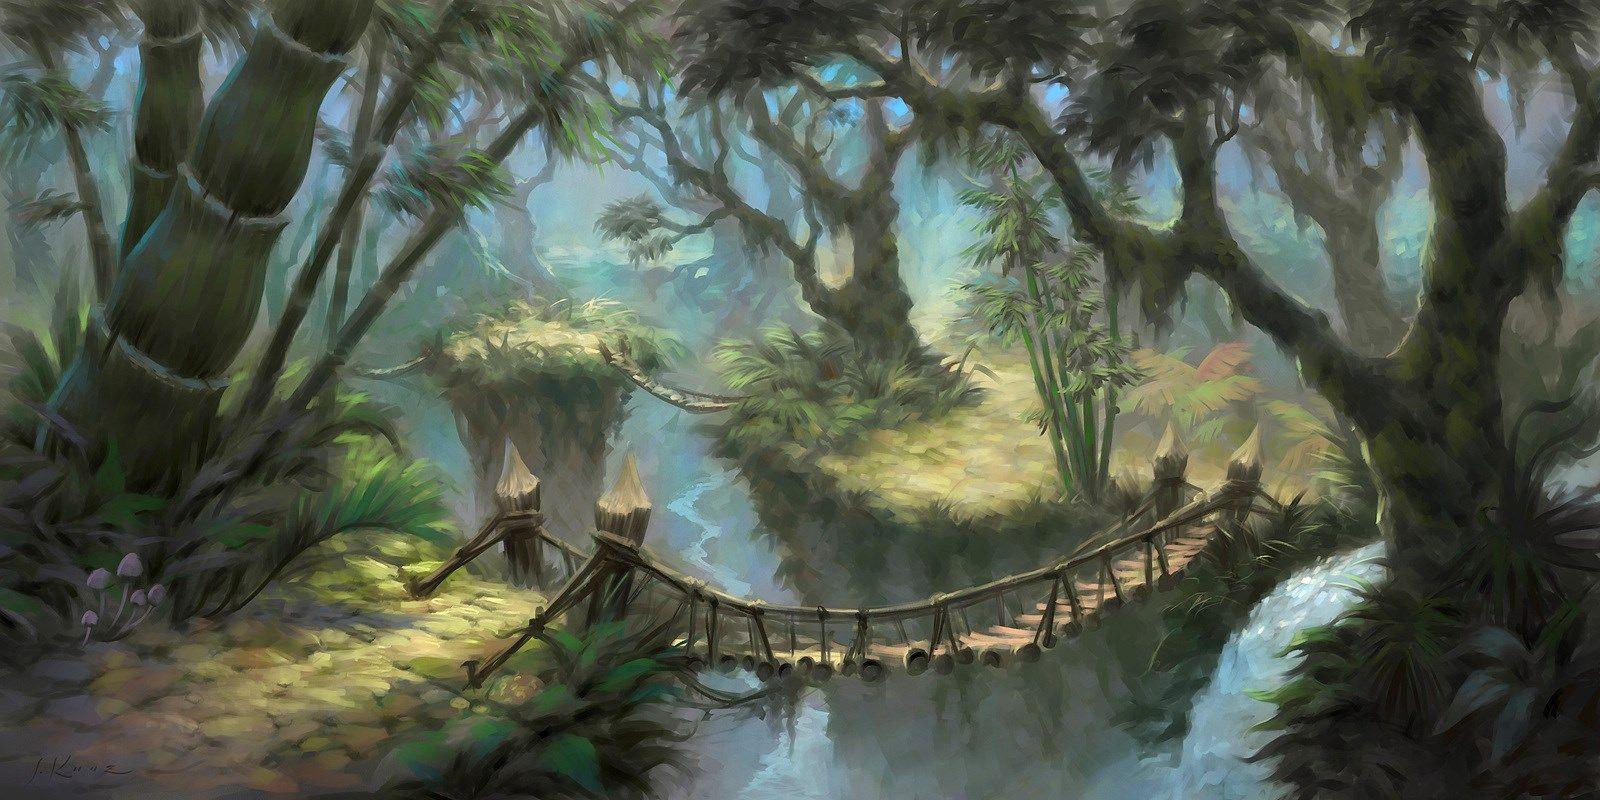 Jungle Wallpaper World Of Warcraft: 1600x800 Free Desktop Wallpaper Downloads World Of